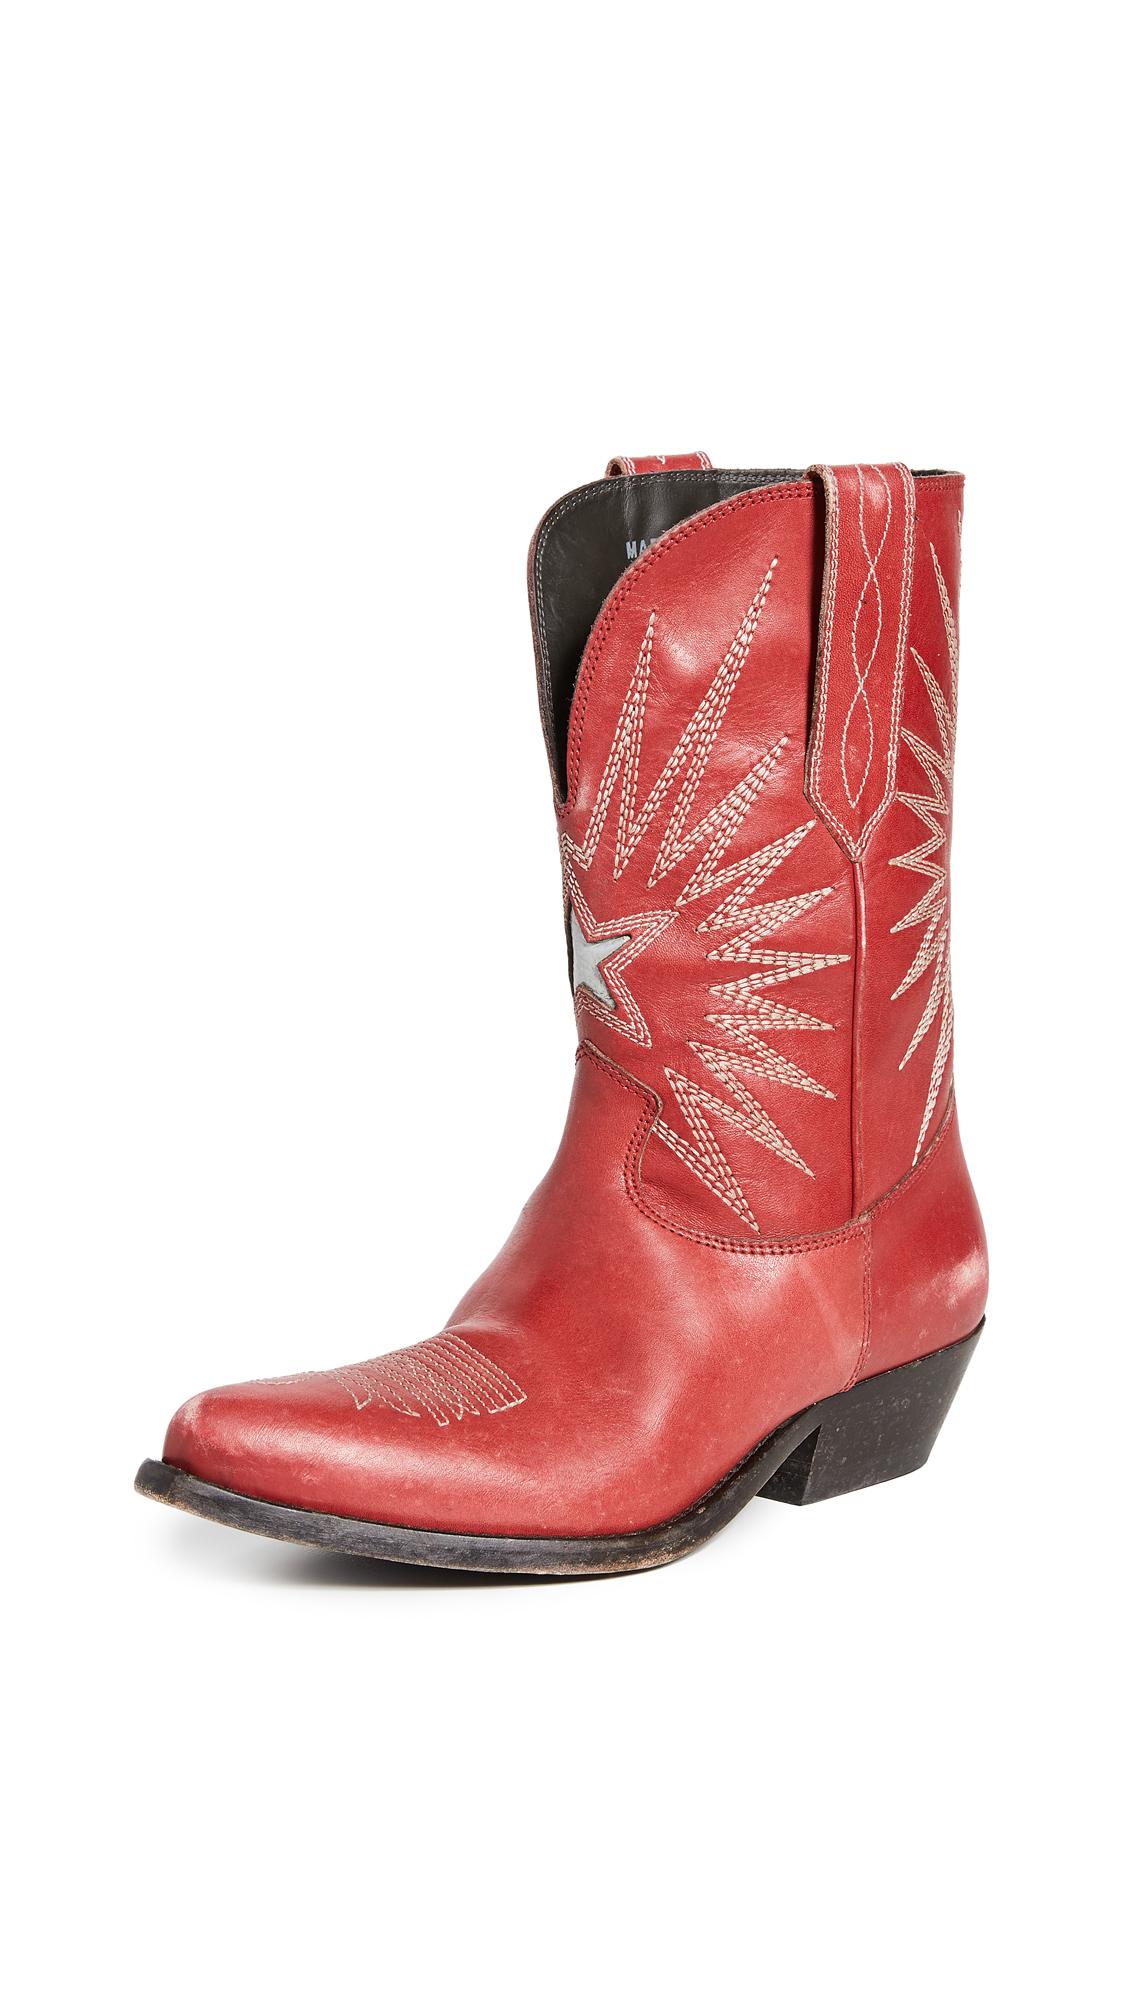 Golden Goose Wish Star Low Boots In Spritz